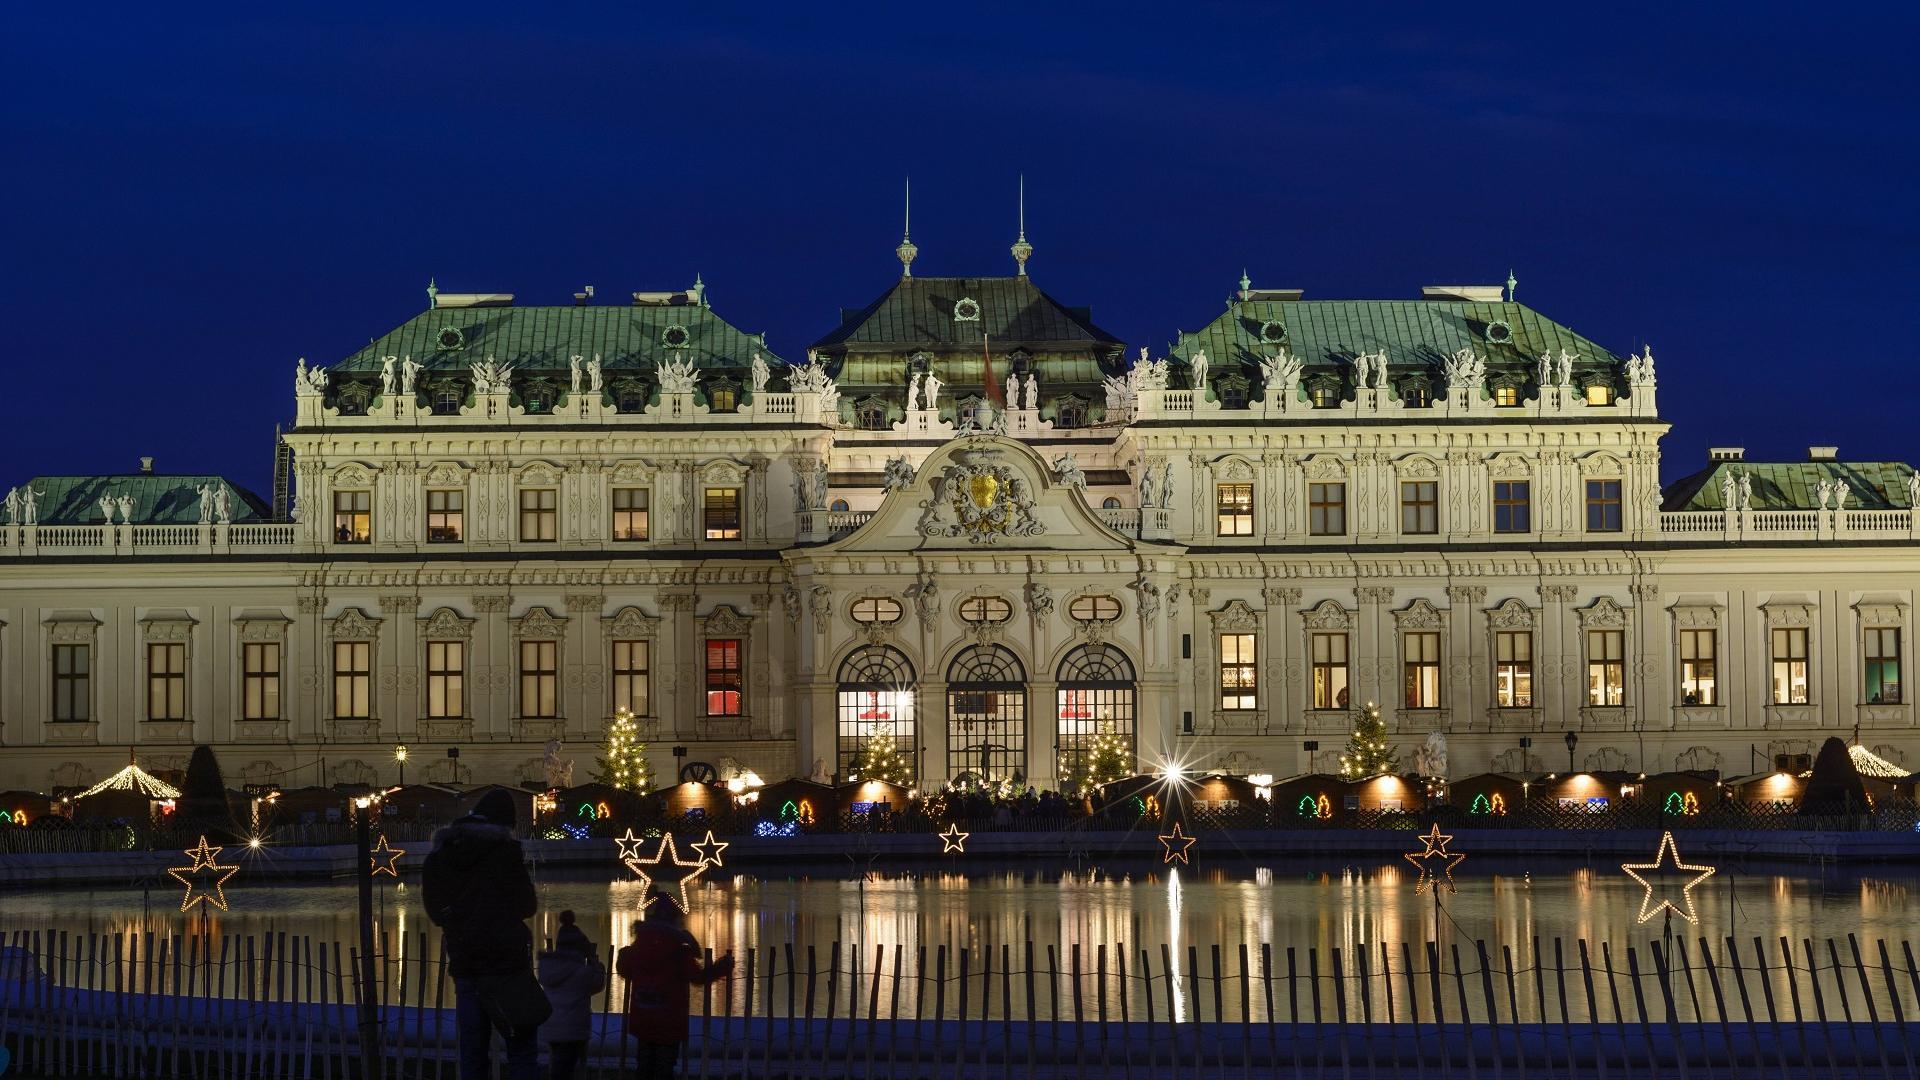 Der Weihnachtsmarkt am Schloss Belvedere